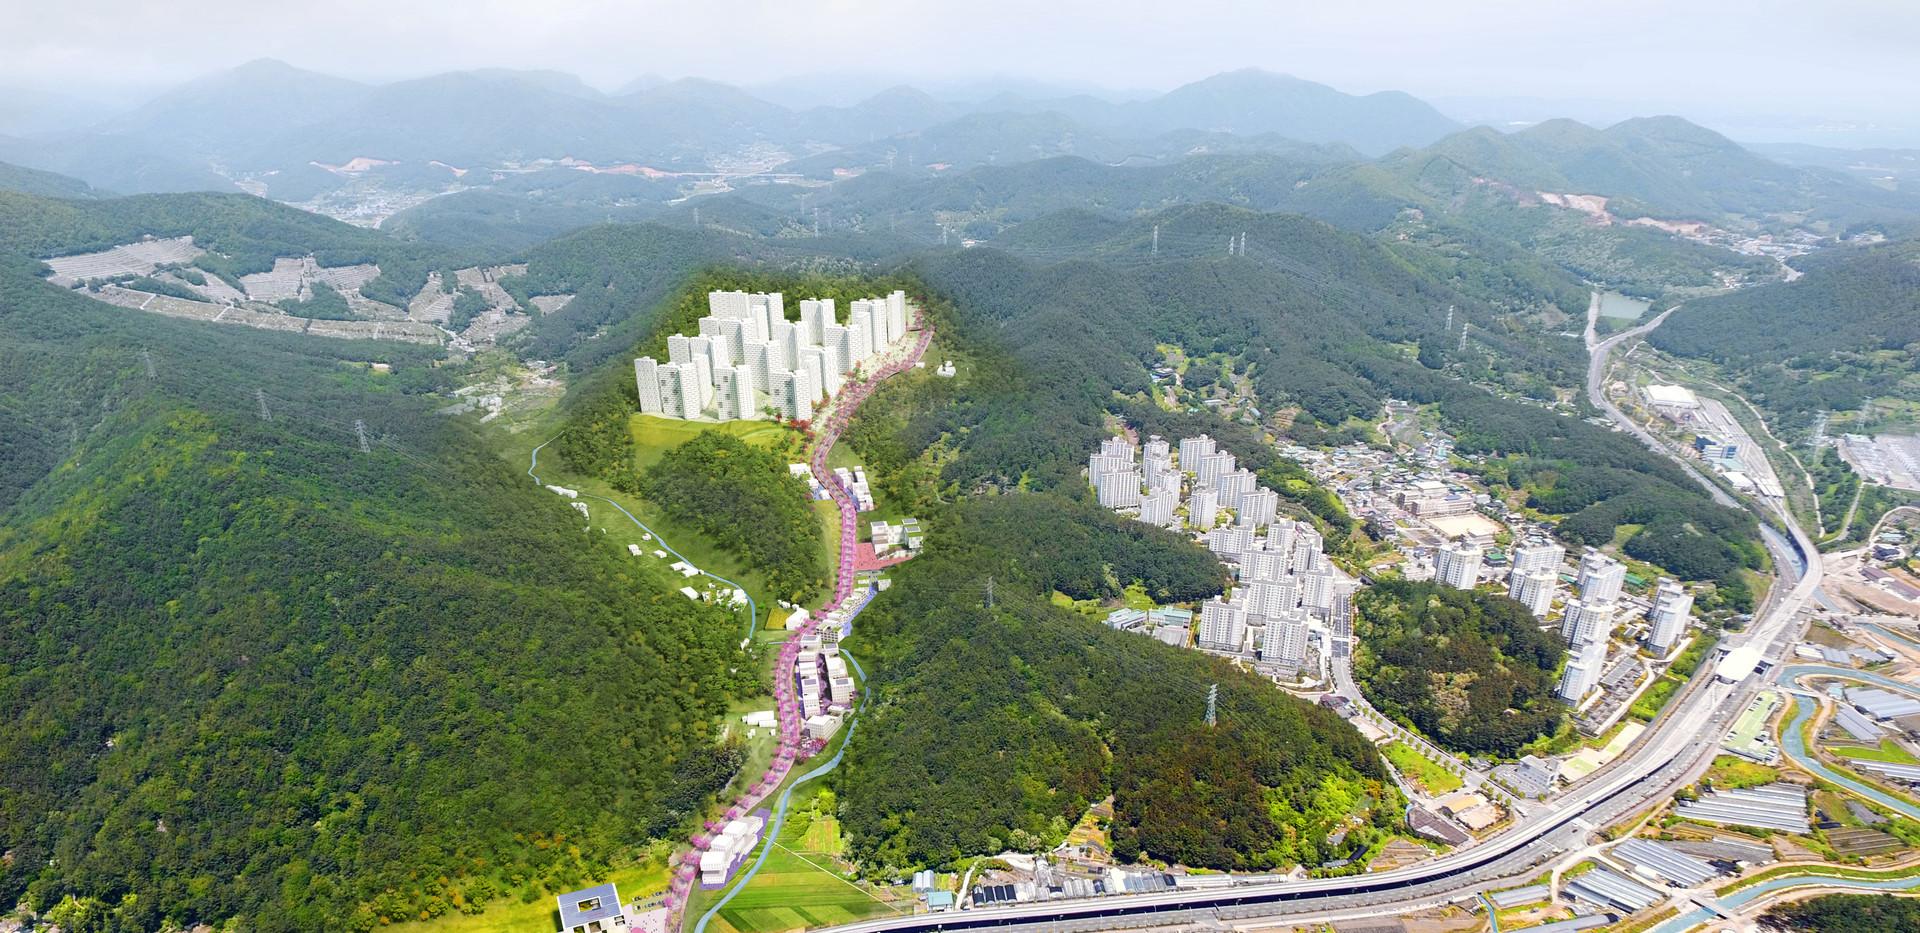 1801 Busan_birdseye montage.jpg